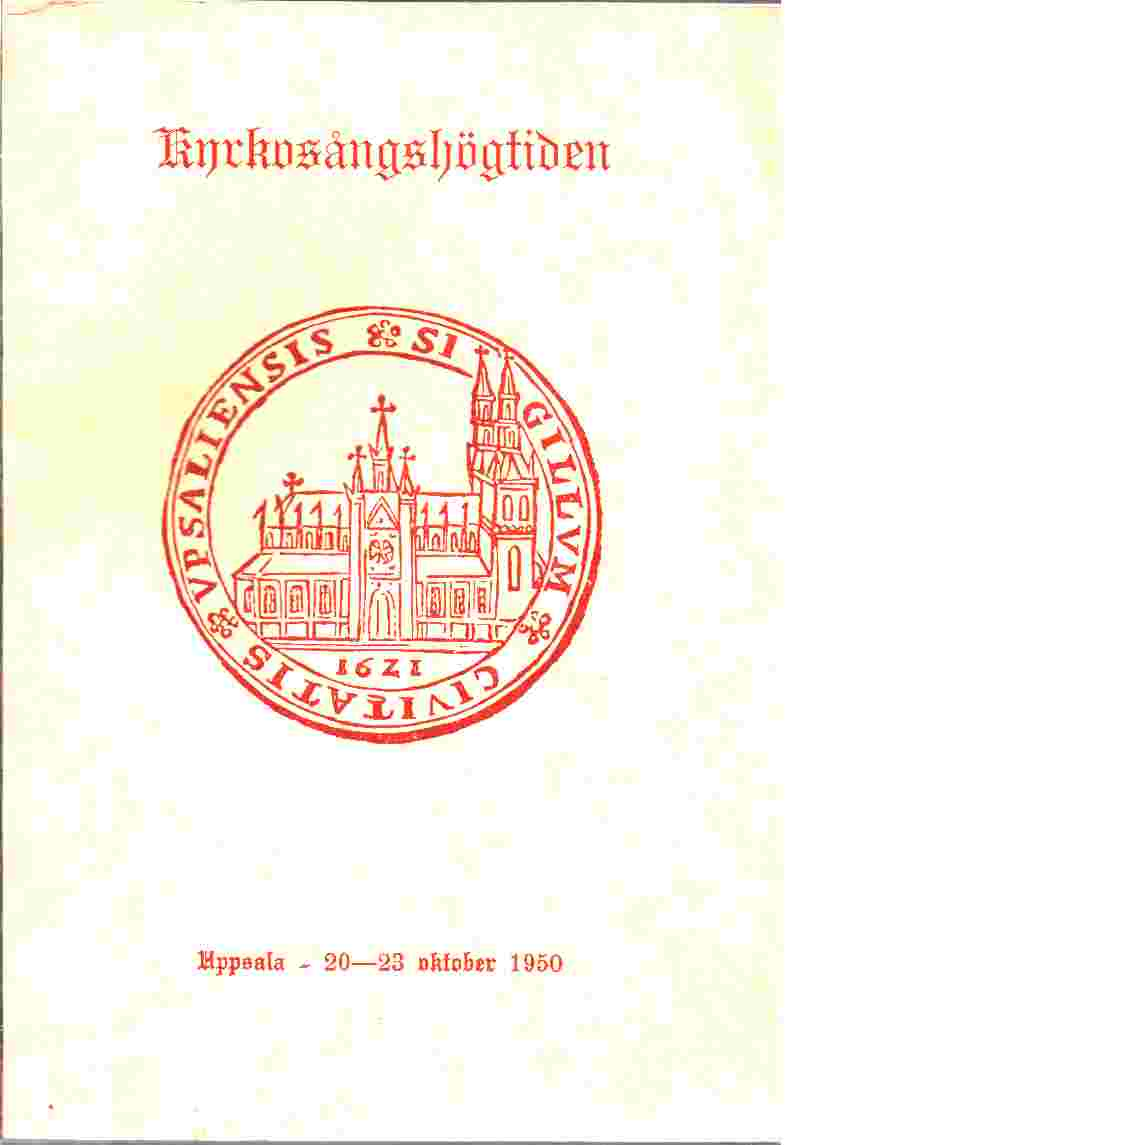 Kyrkosångshögtiden - Boktryckeri Uppsala, Wretmans